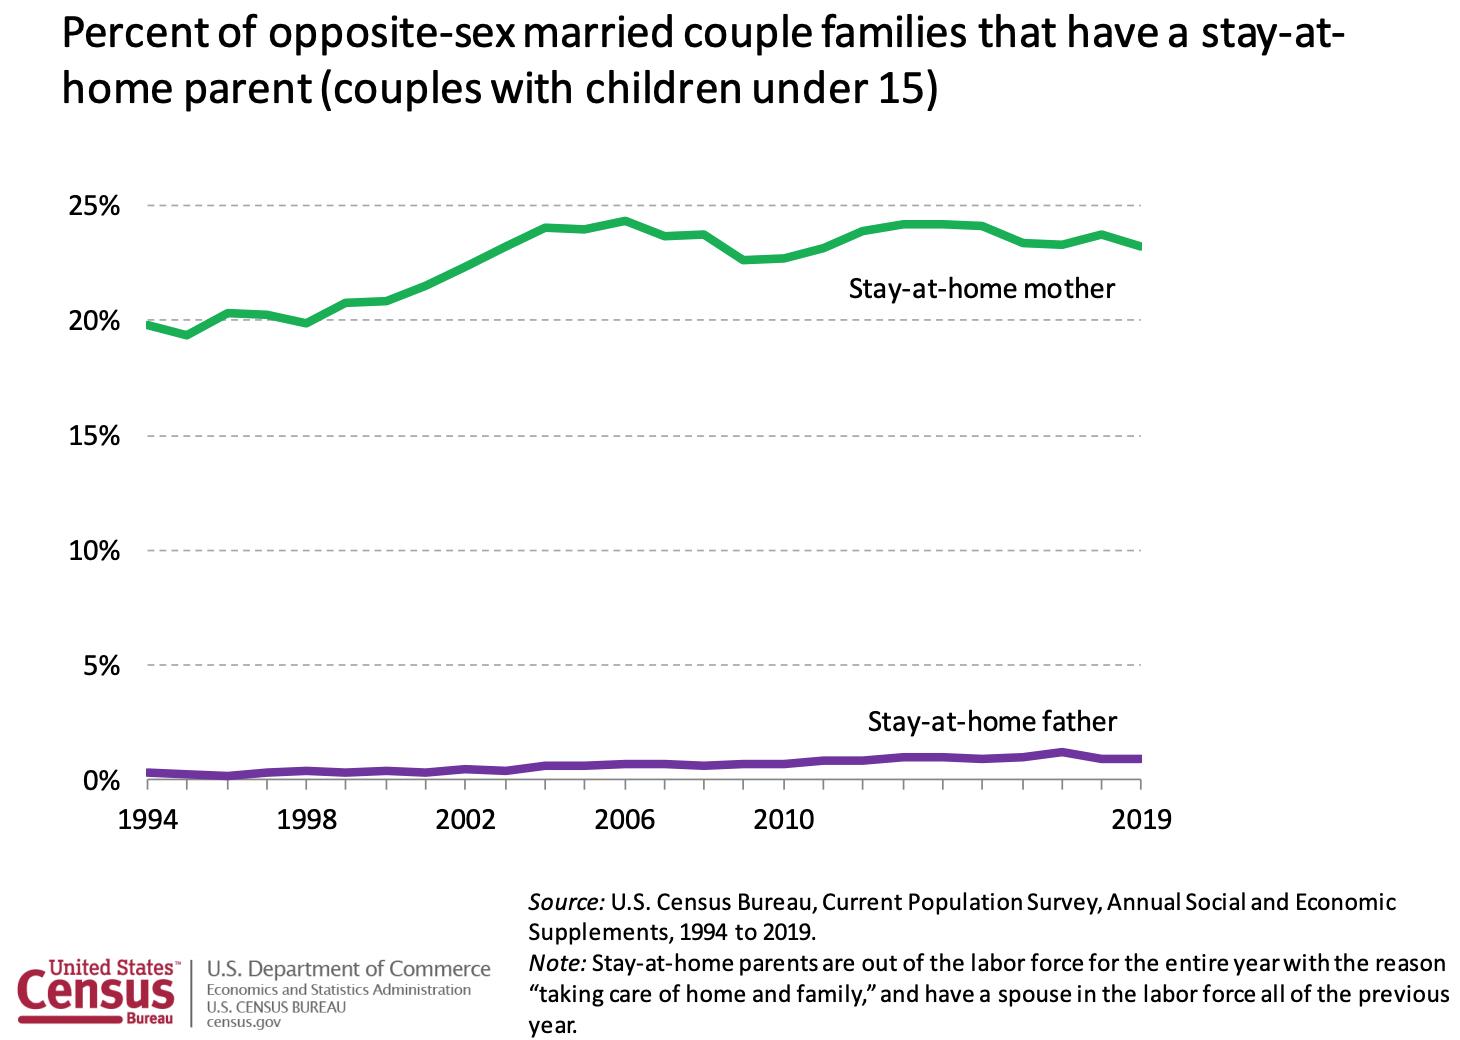 Porcentaje de madres que se quedan en casa y padres que se quedan en casa